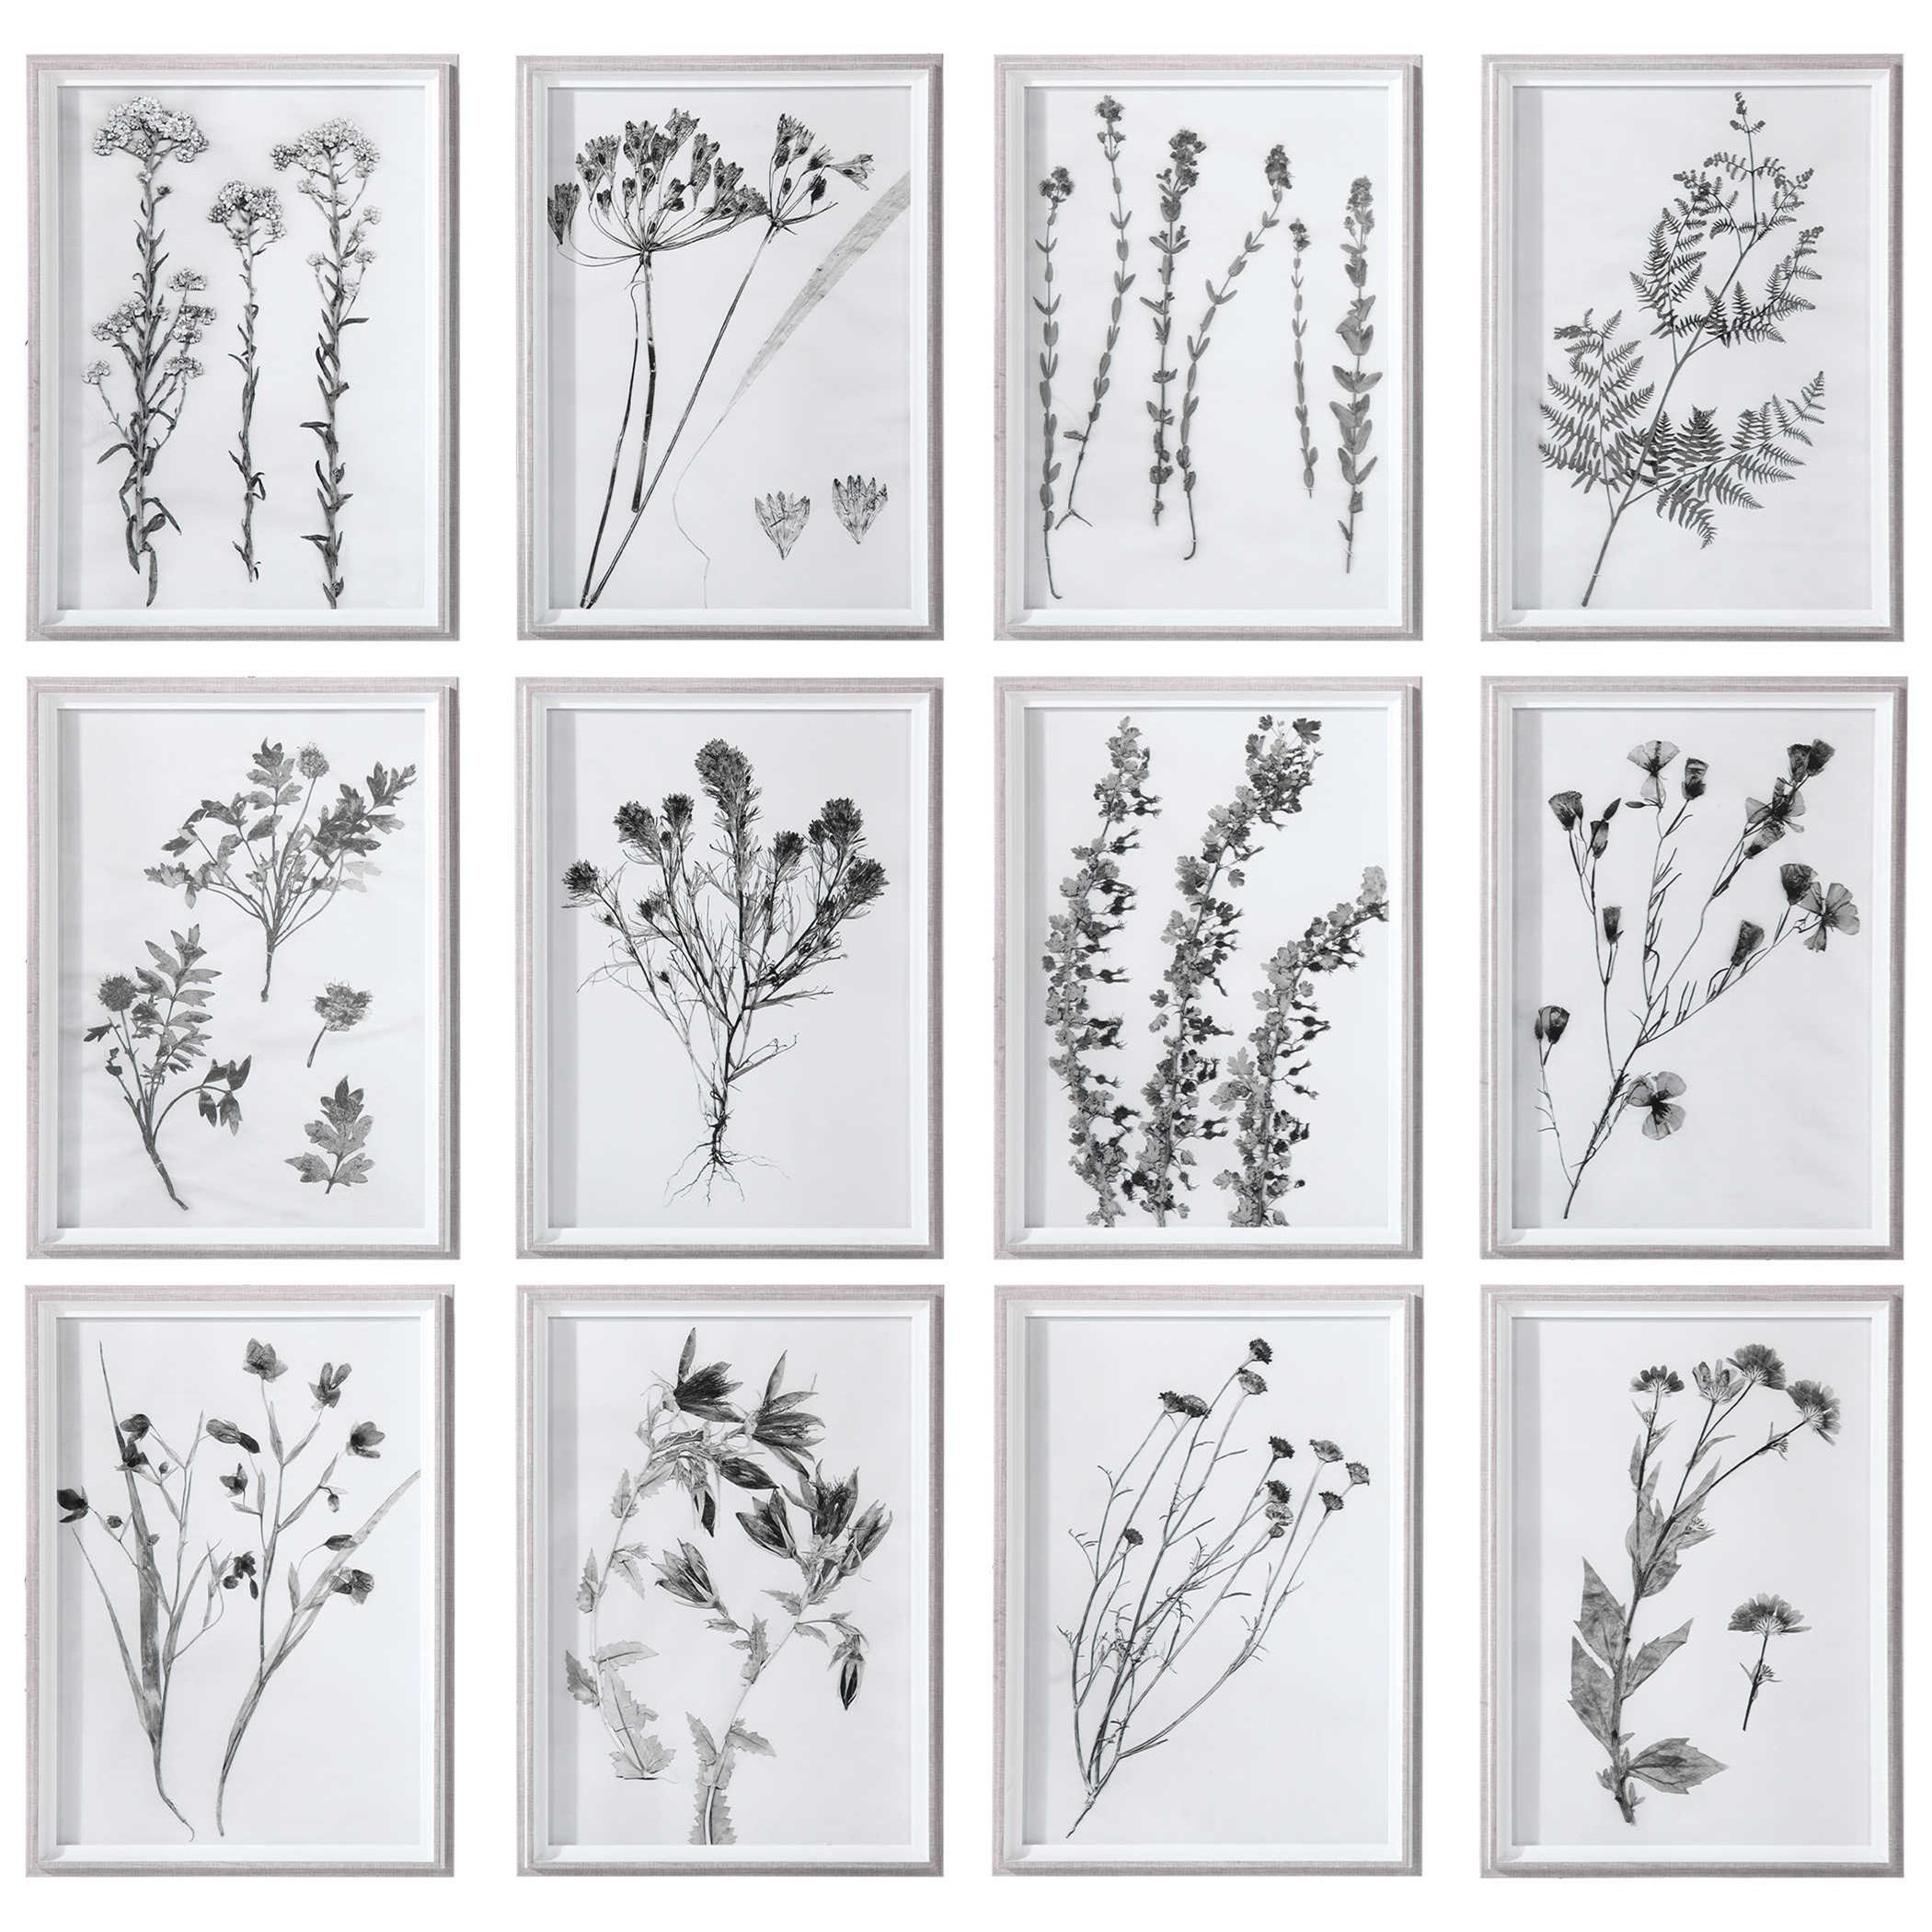 Framed Prints Contemporary Botanicals Framed Prints, S/12 by Uttermost at Mueller Furniture